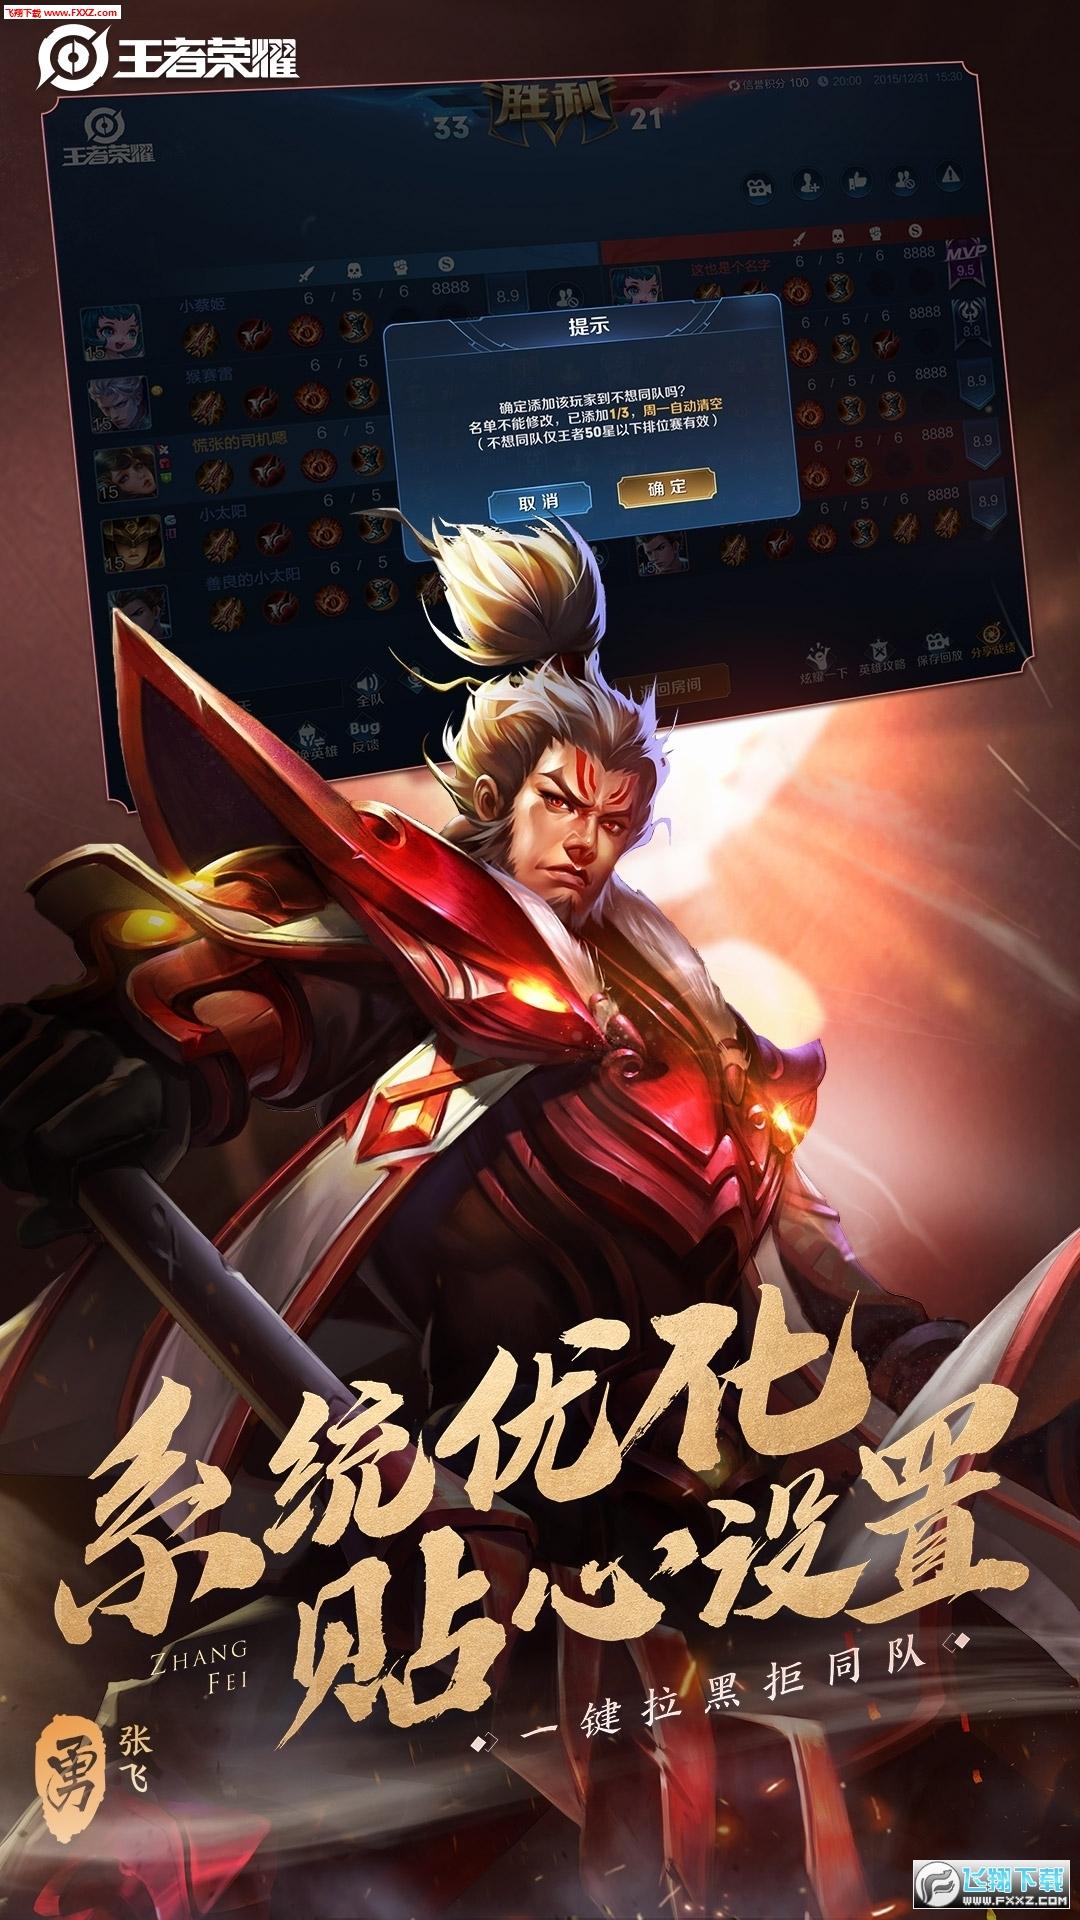 王者荣耀s19赛季最新版1.52.1.7截图0